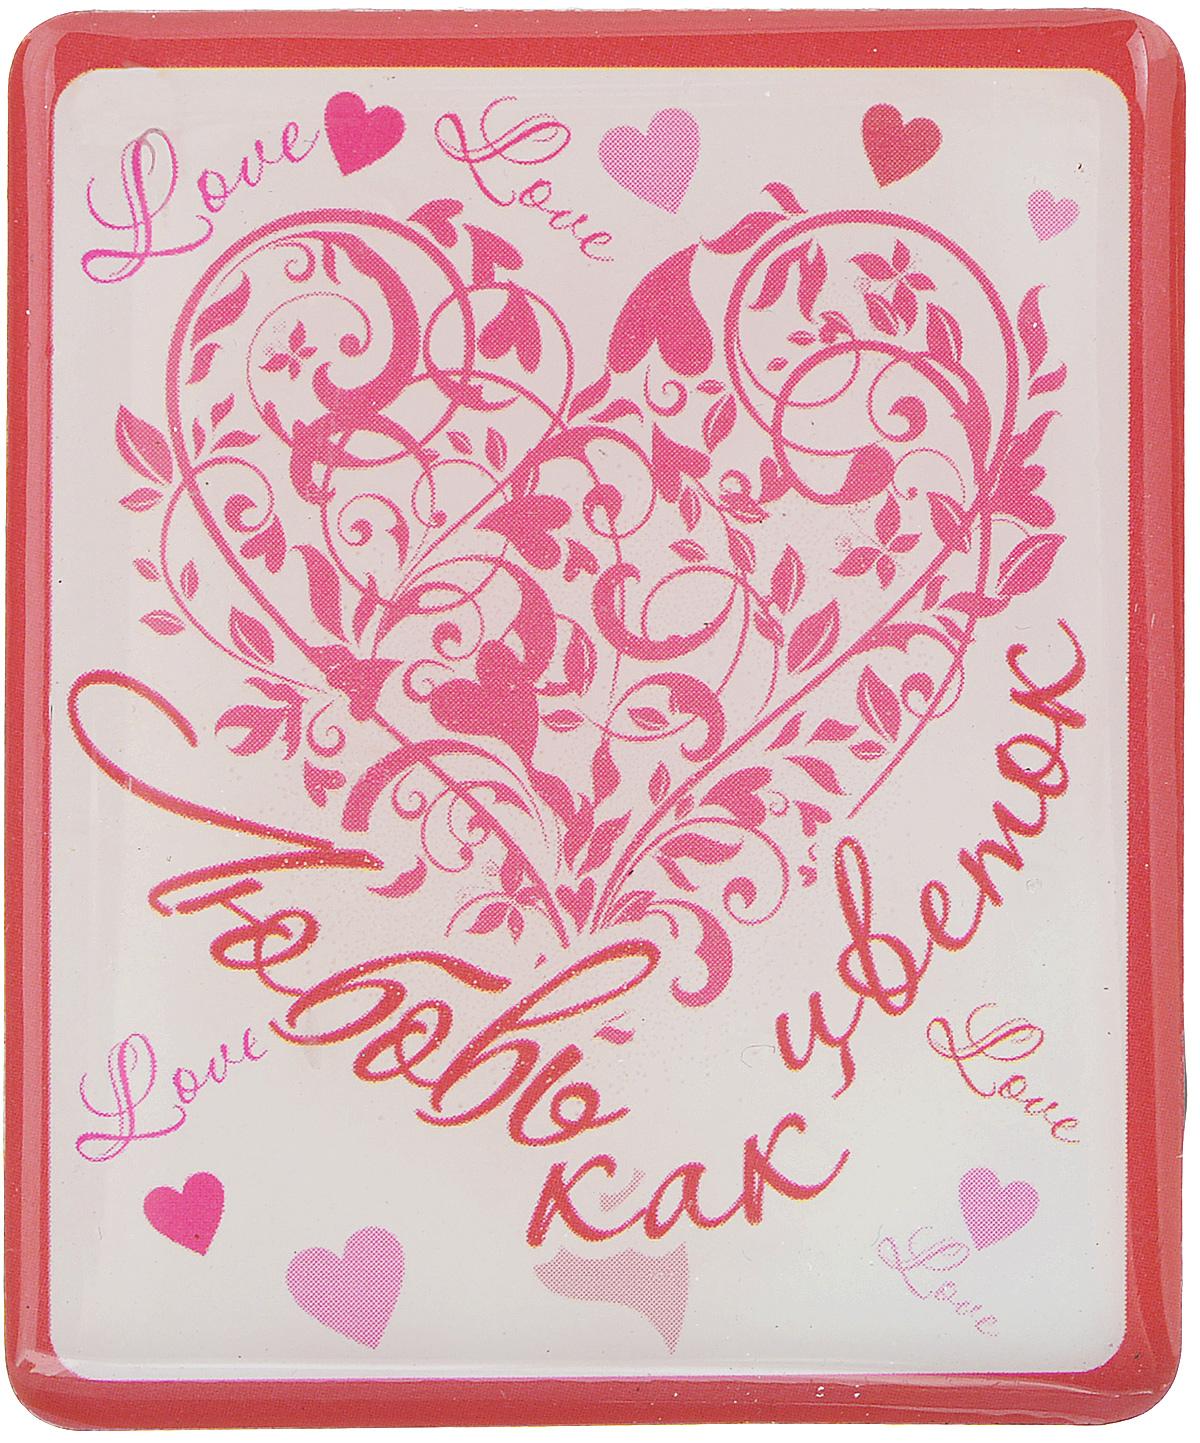 Магнит Феникс-презент Любовь как цветок, 4,5 x 5,5 см27188Магнит прямоугольной формы Феникс-презент Любовь как цветок, выполненный из агломерированного феррита, станет приятным штрихом в повседневной жизни. Оригинальный магнит, декорированный изображением сердец, поможет вам украсить не только холодильник, но и любую другую магнитную поверхность. Материал: агломерированный феррит.